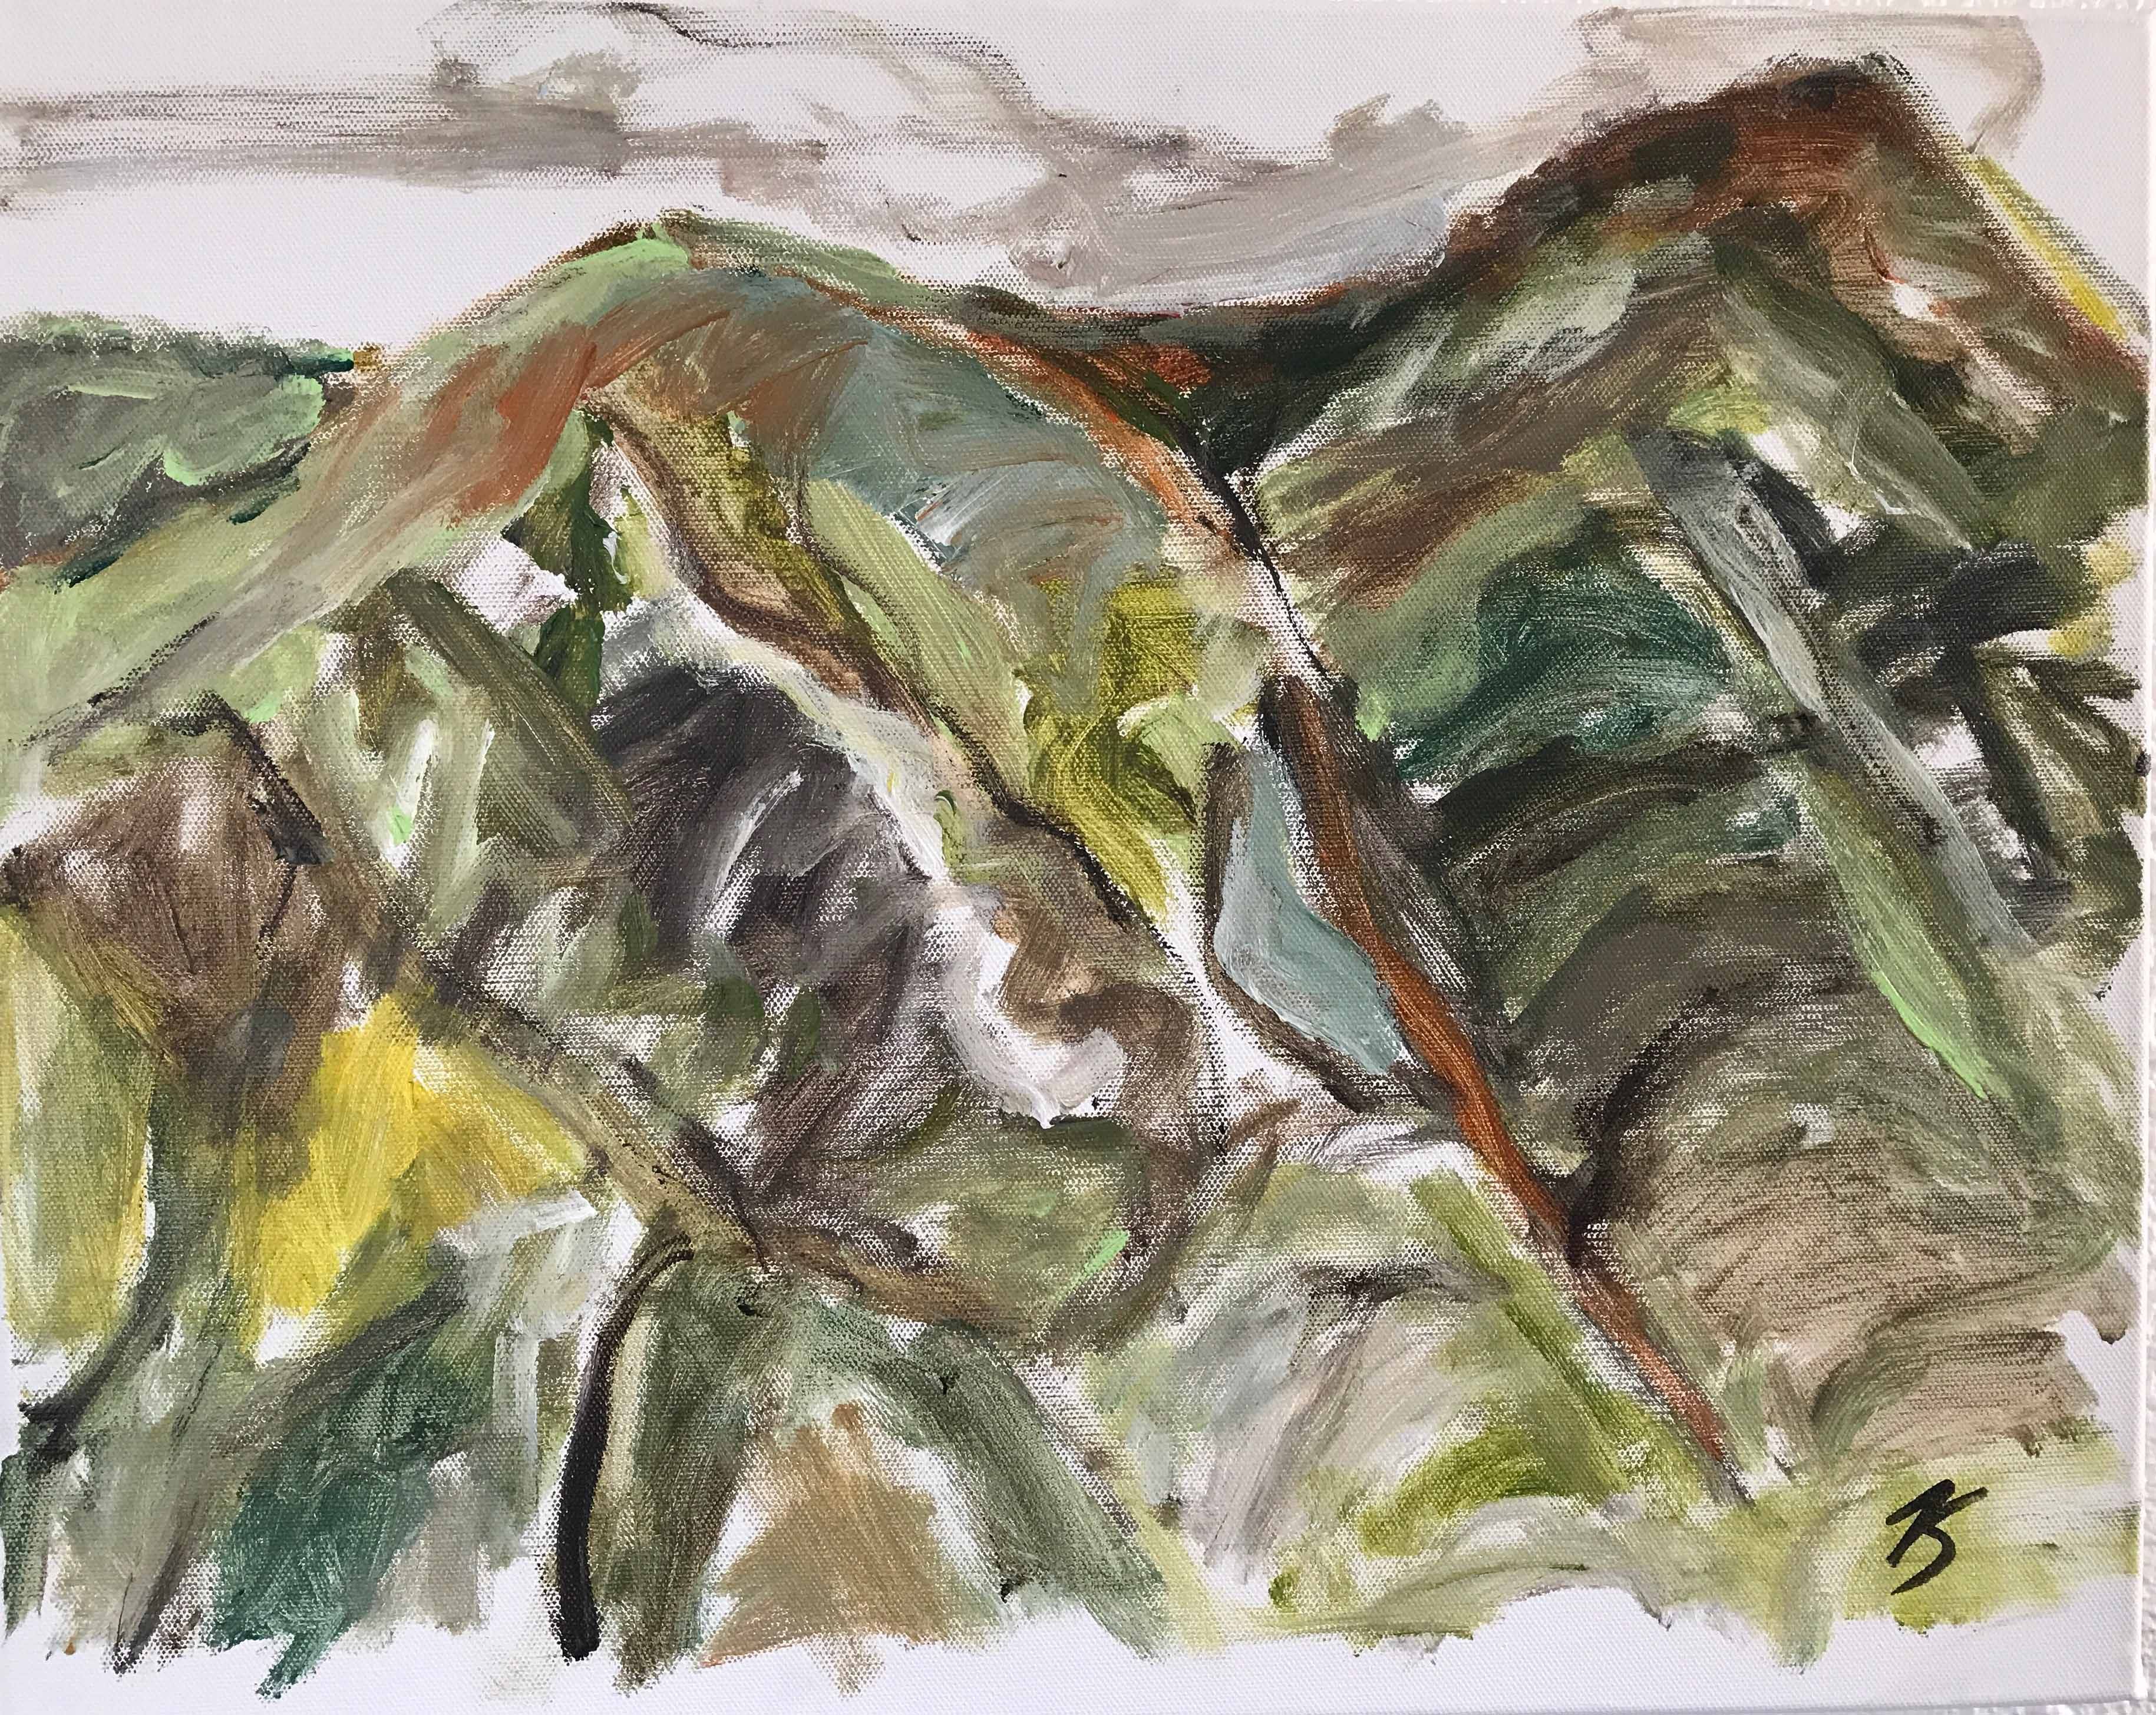 Etude montagnarde, 40x50cm,acrylique sur toile, 2017